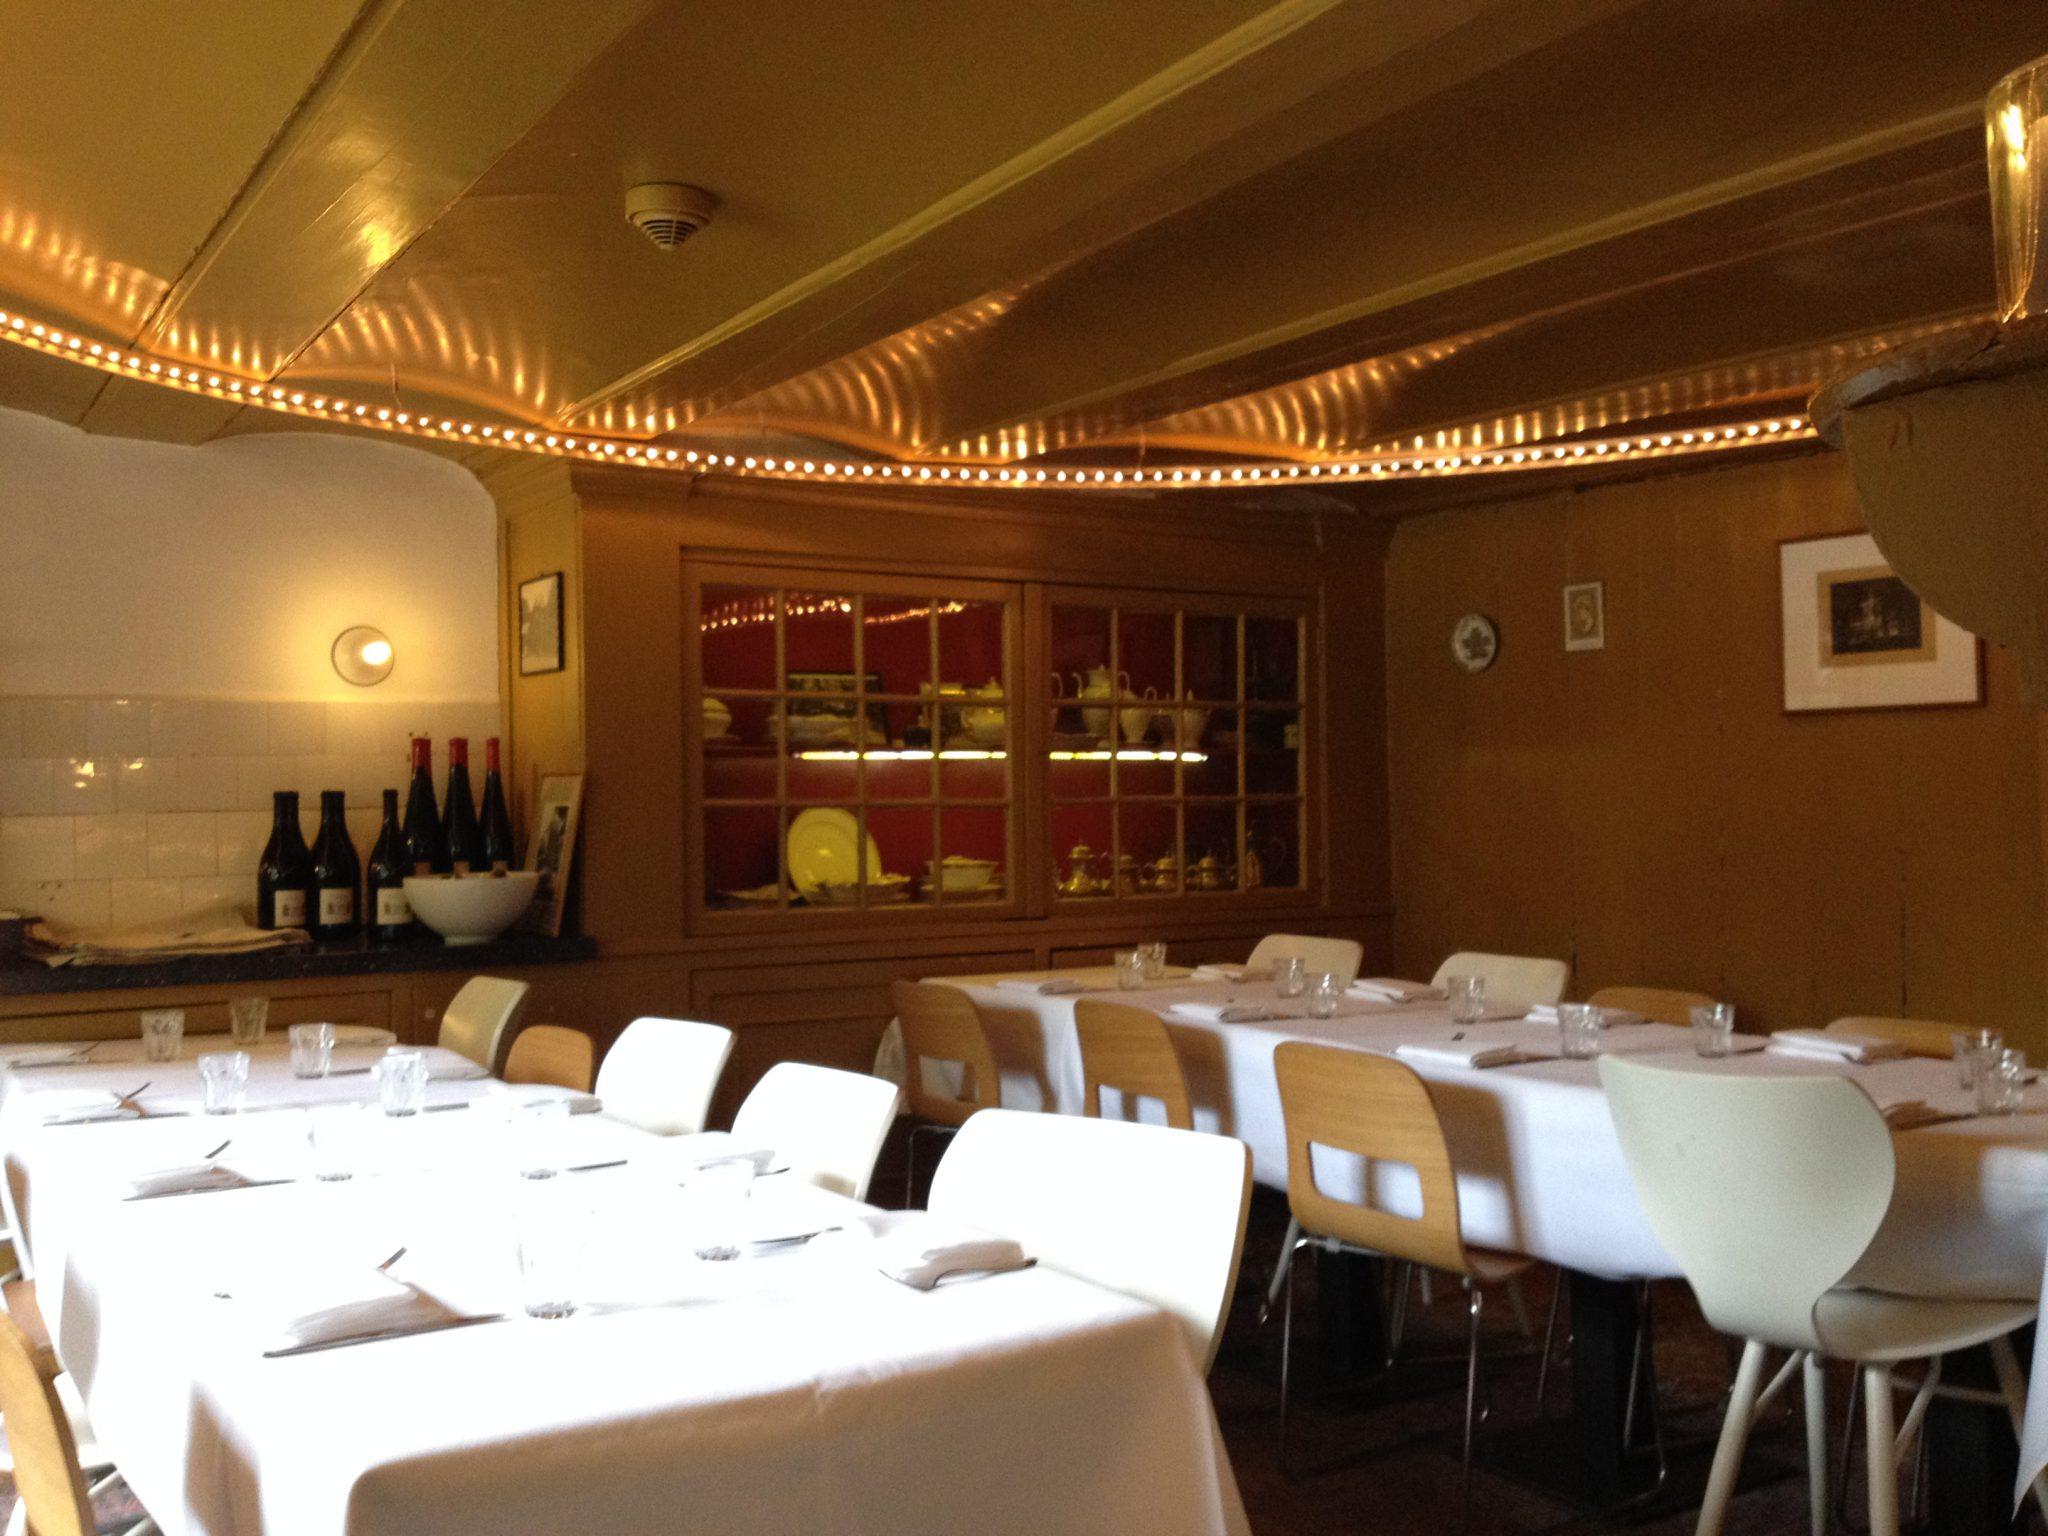 De oude keuken is een sfeervol restaurant in castricum